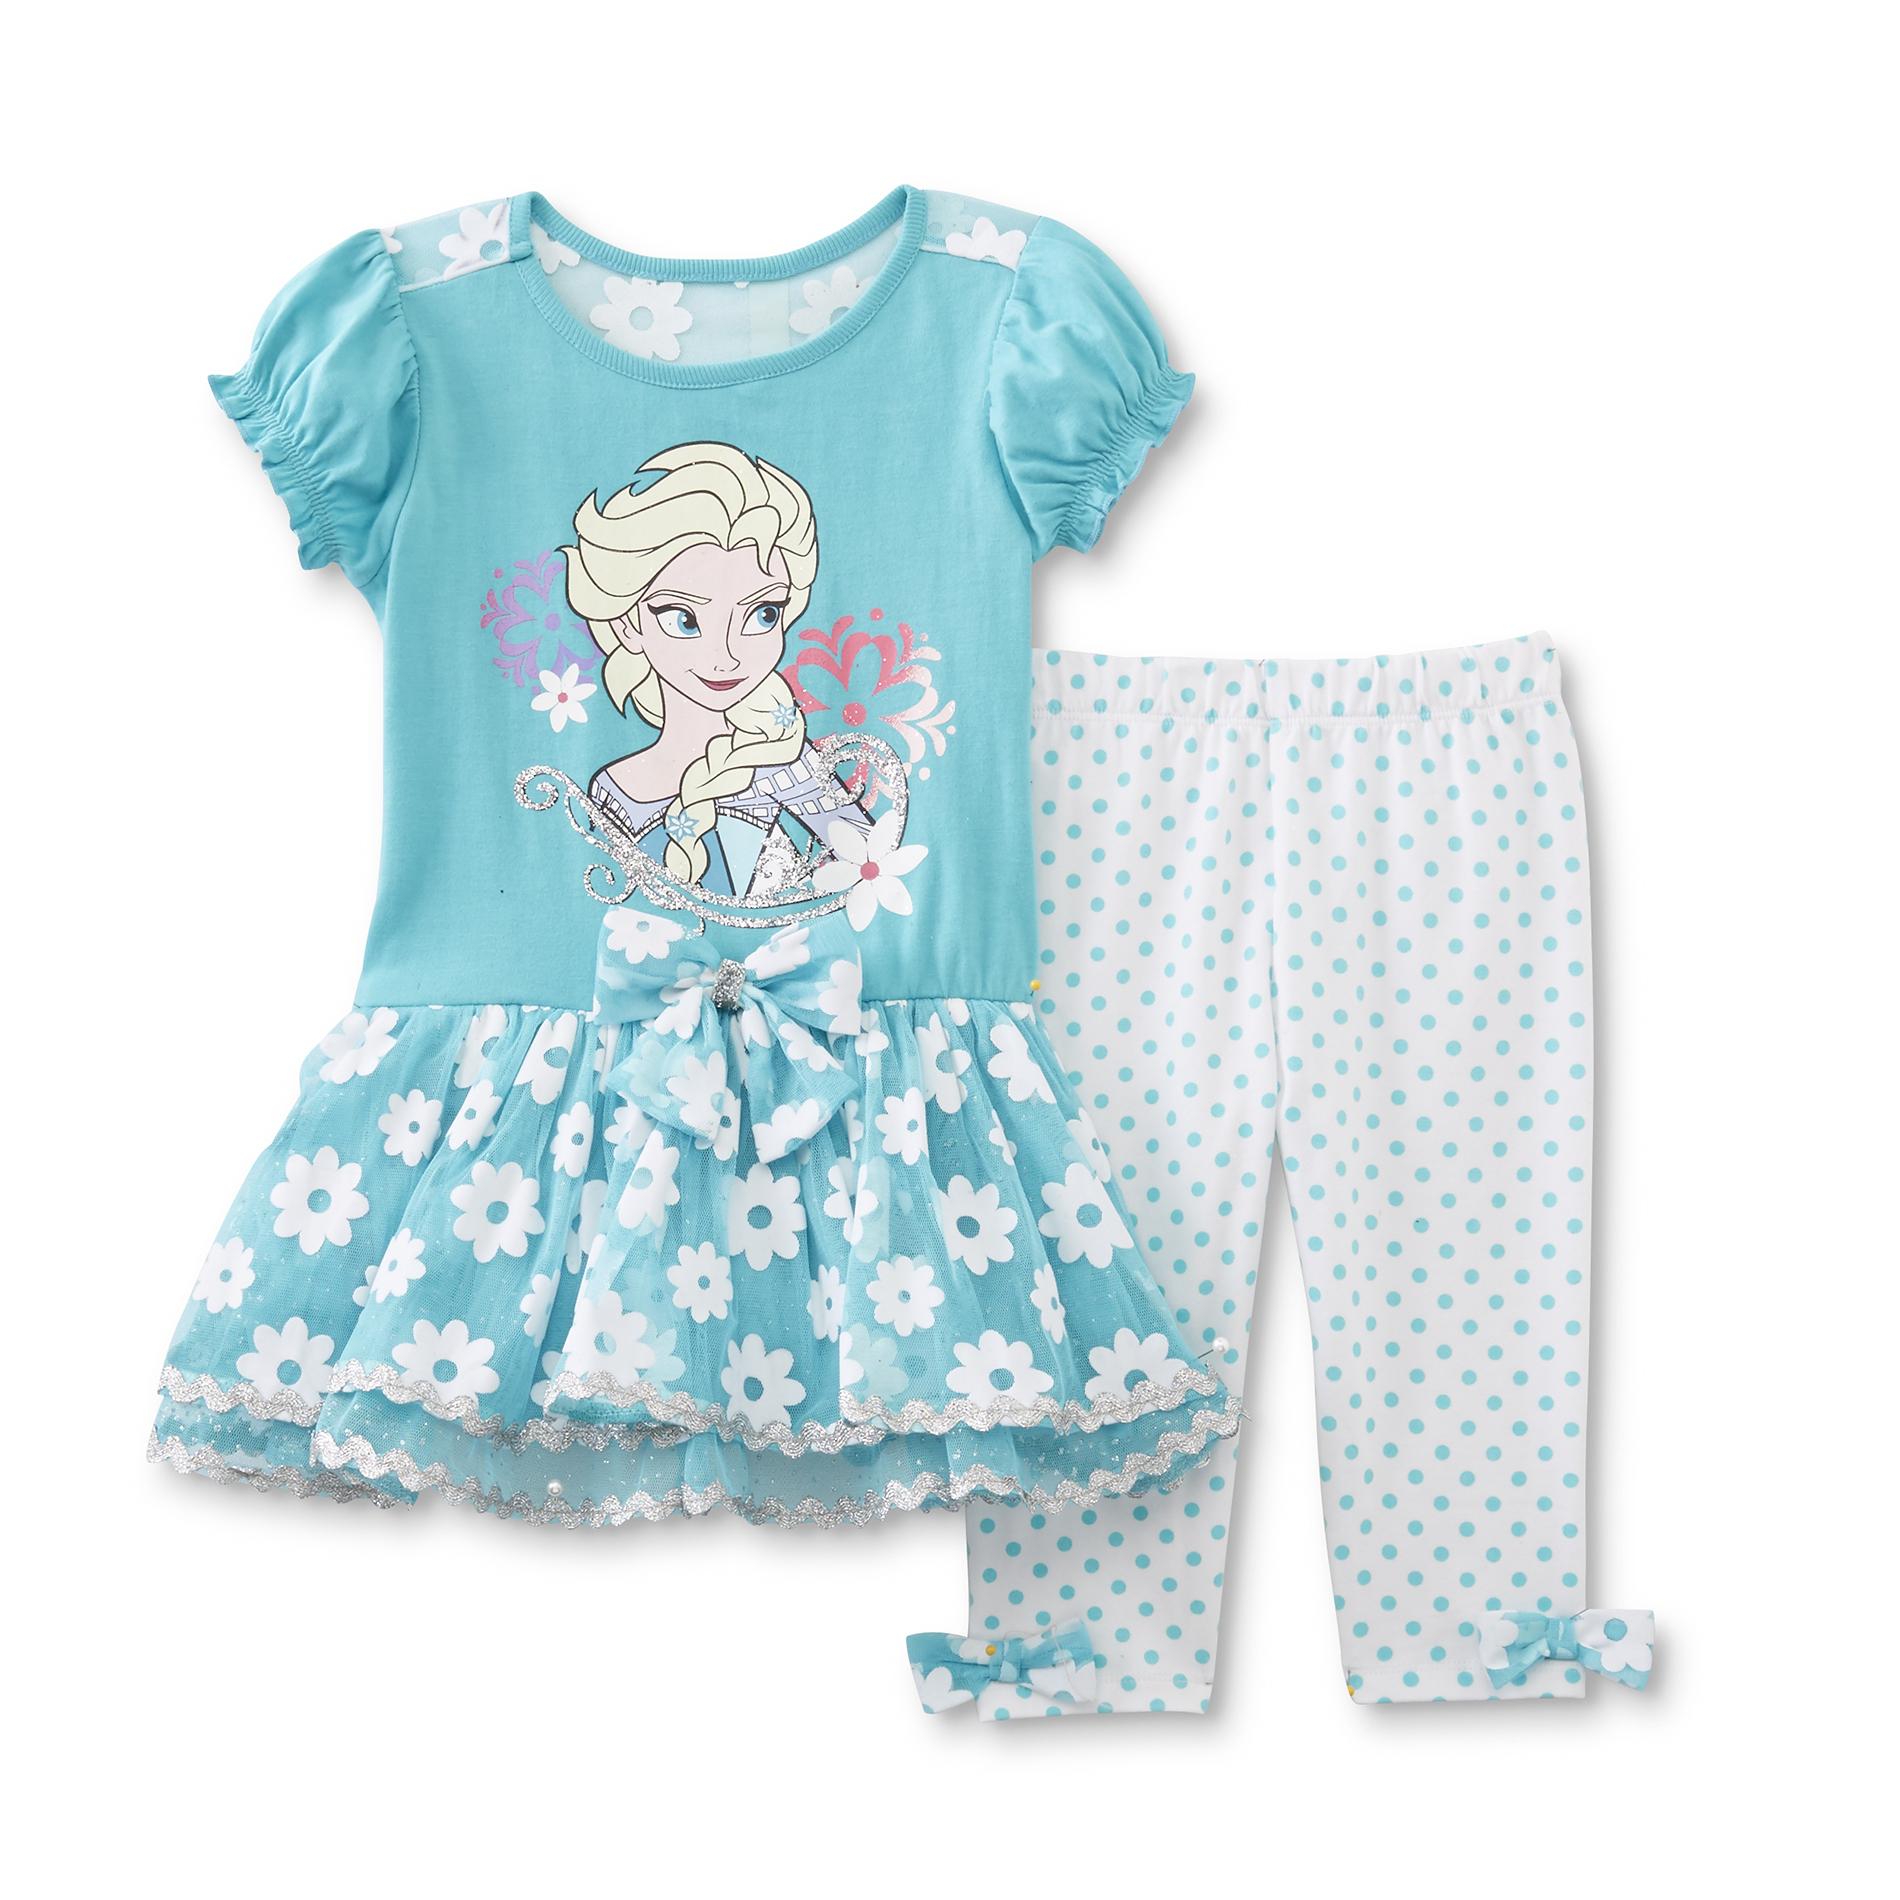 Disney Baby Frozen Toddler Girl's Tunic Top & Leggings - Queen Elsa